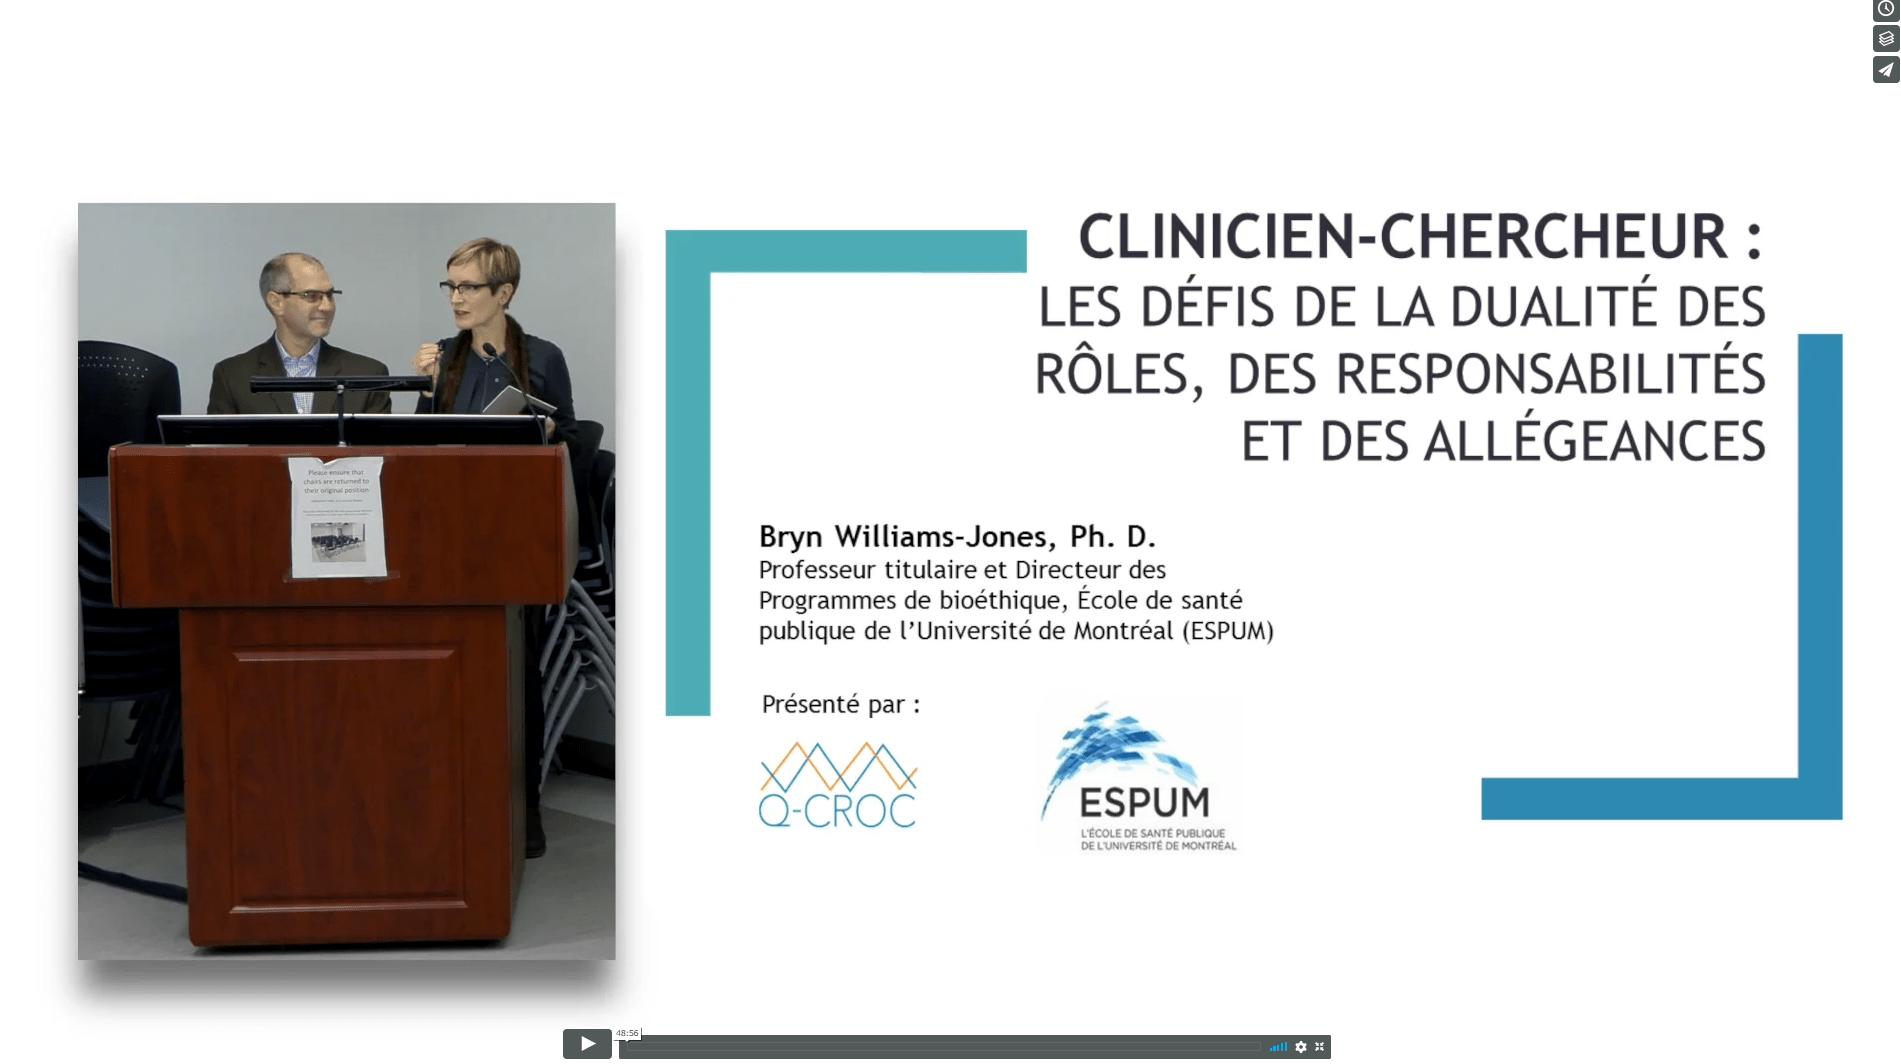 Clinicien-chercheur : défis de la dualité du rôle, des responsabilités et des allégeances